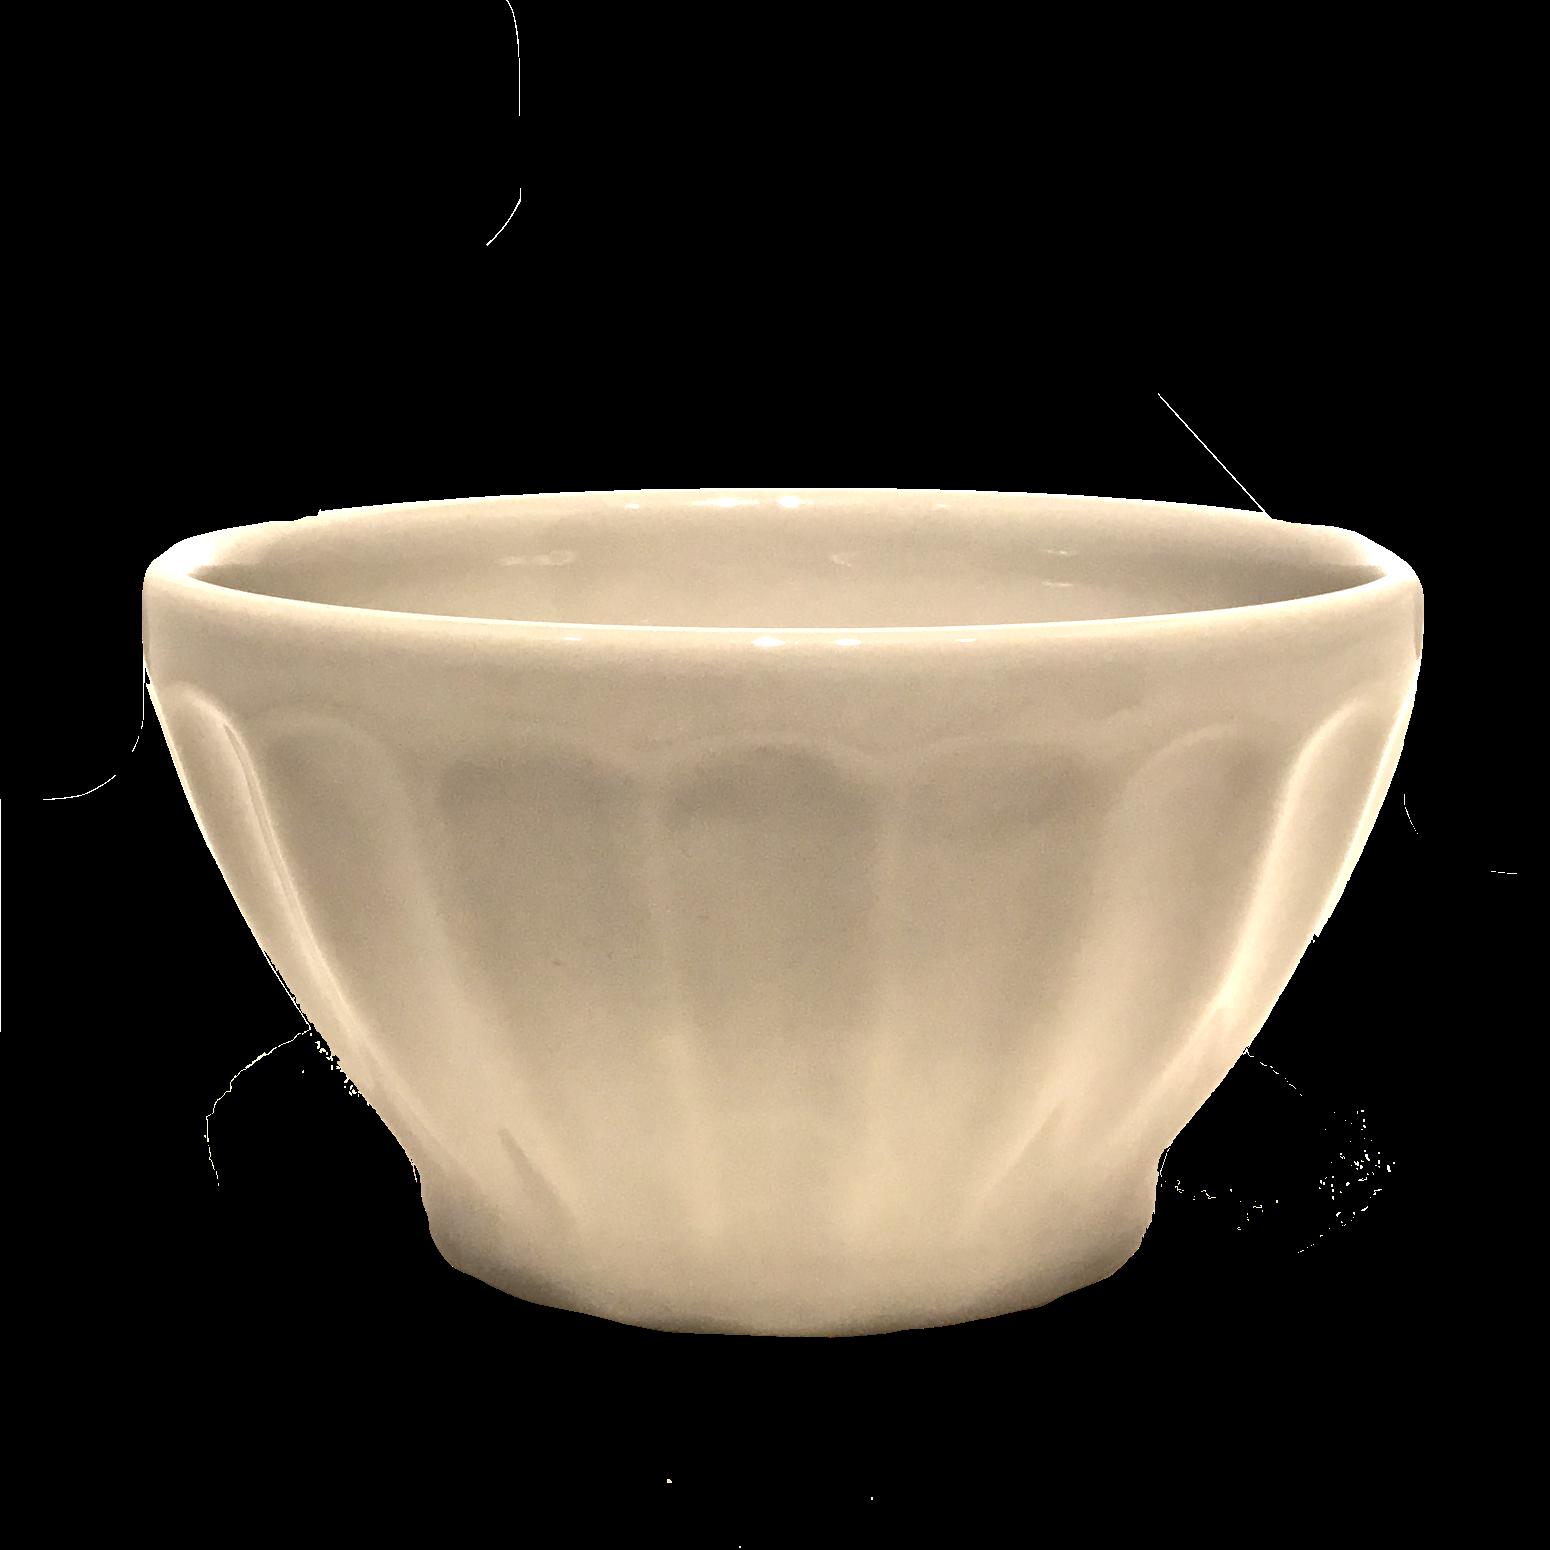 Bowl Cote mm-1